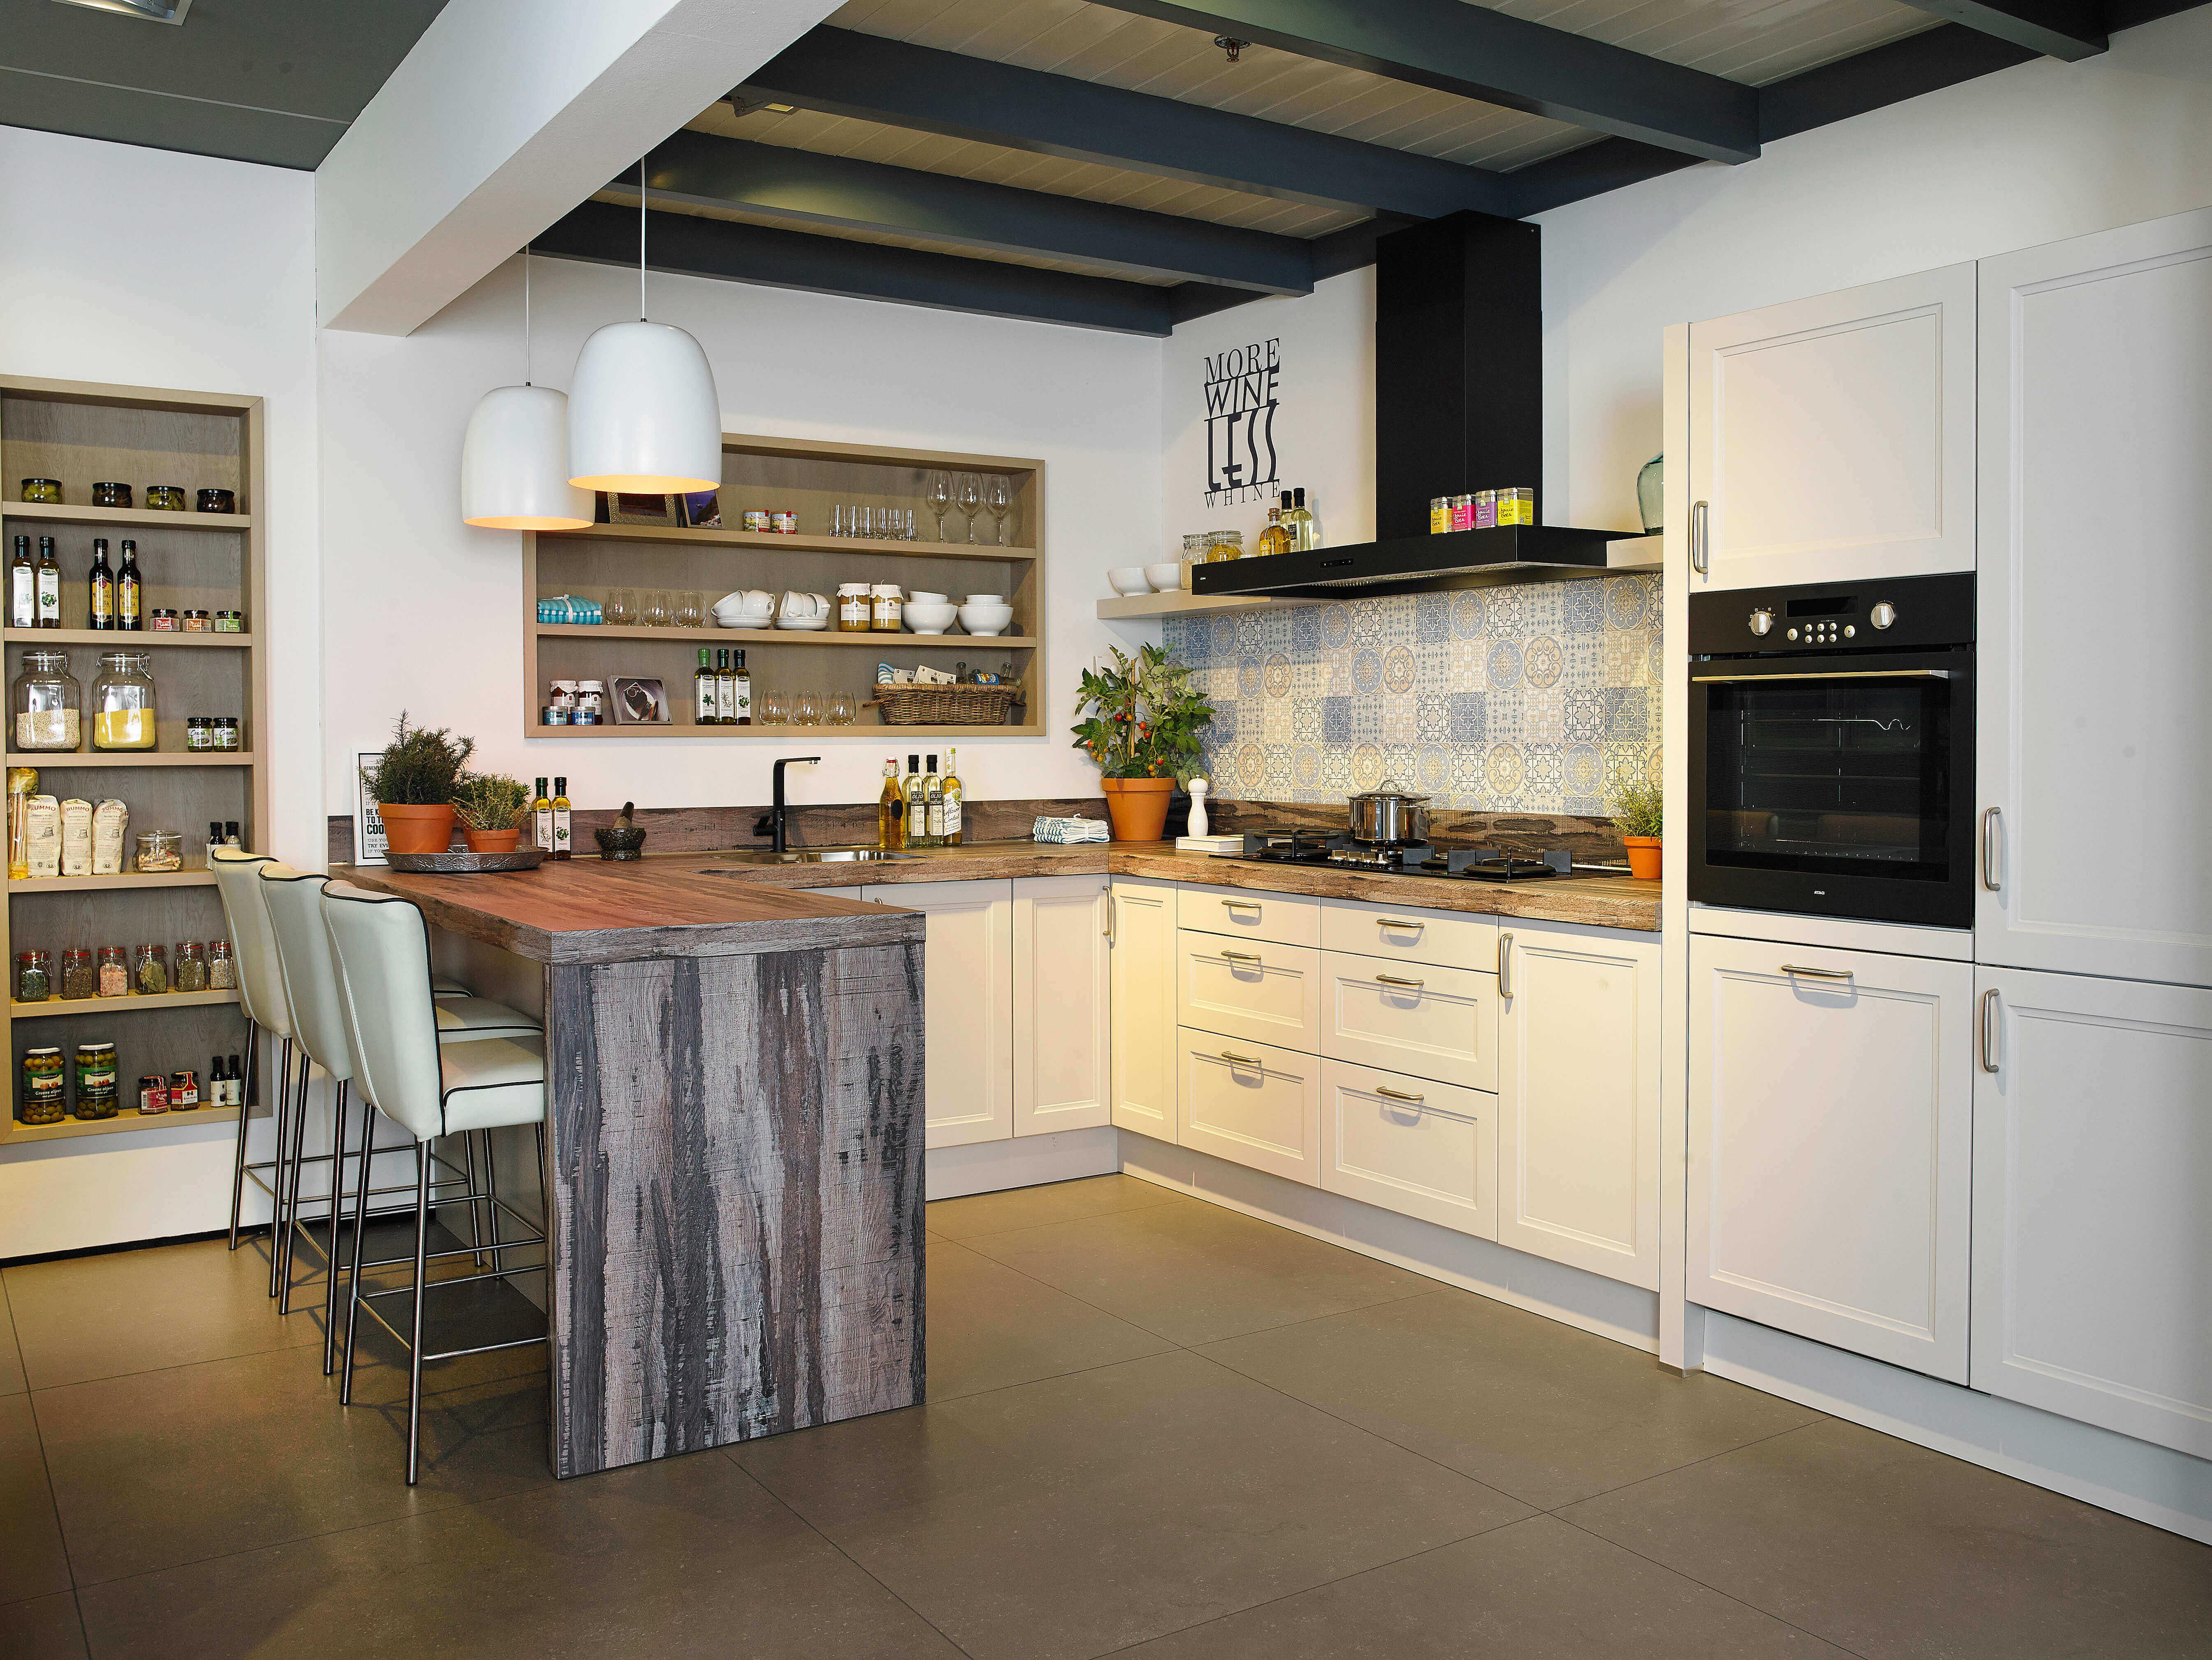 Nostaligische keukens van Tieleman Keukens